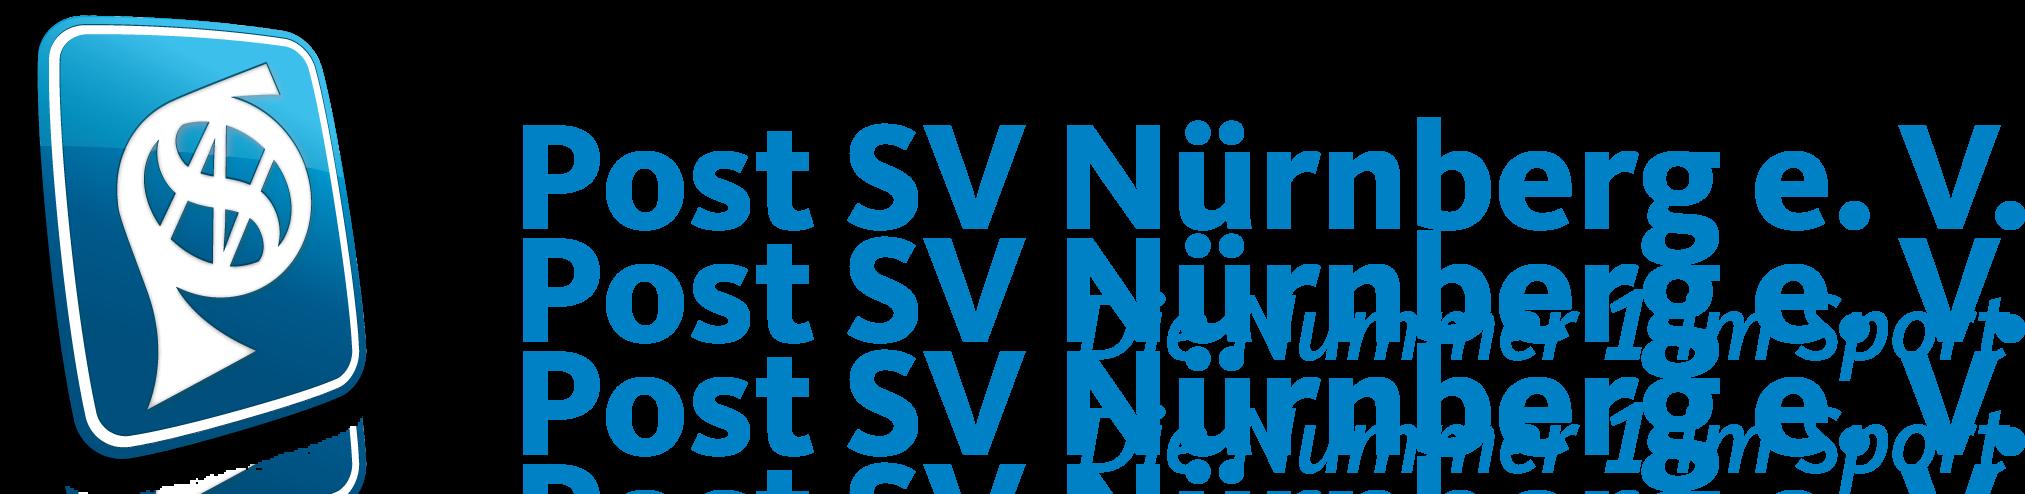 Post SV Nürnberg e.V.